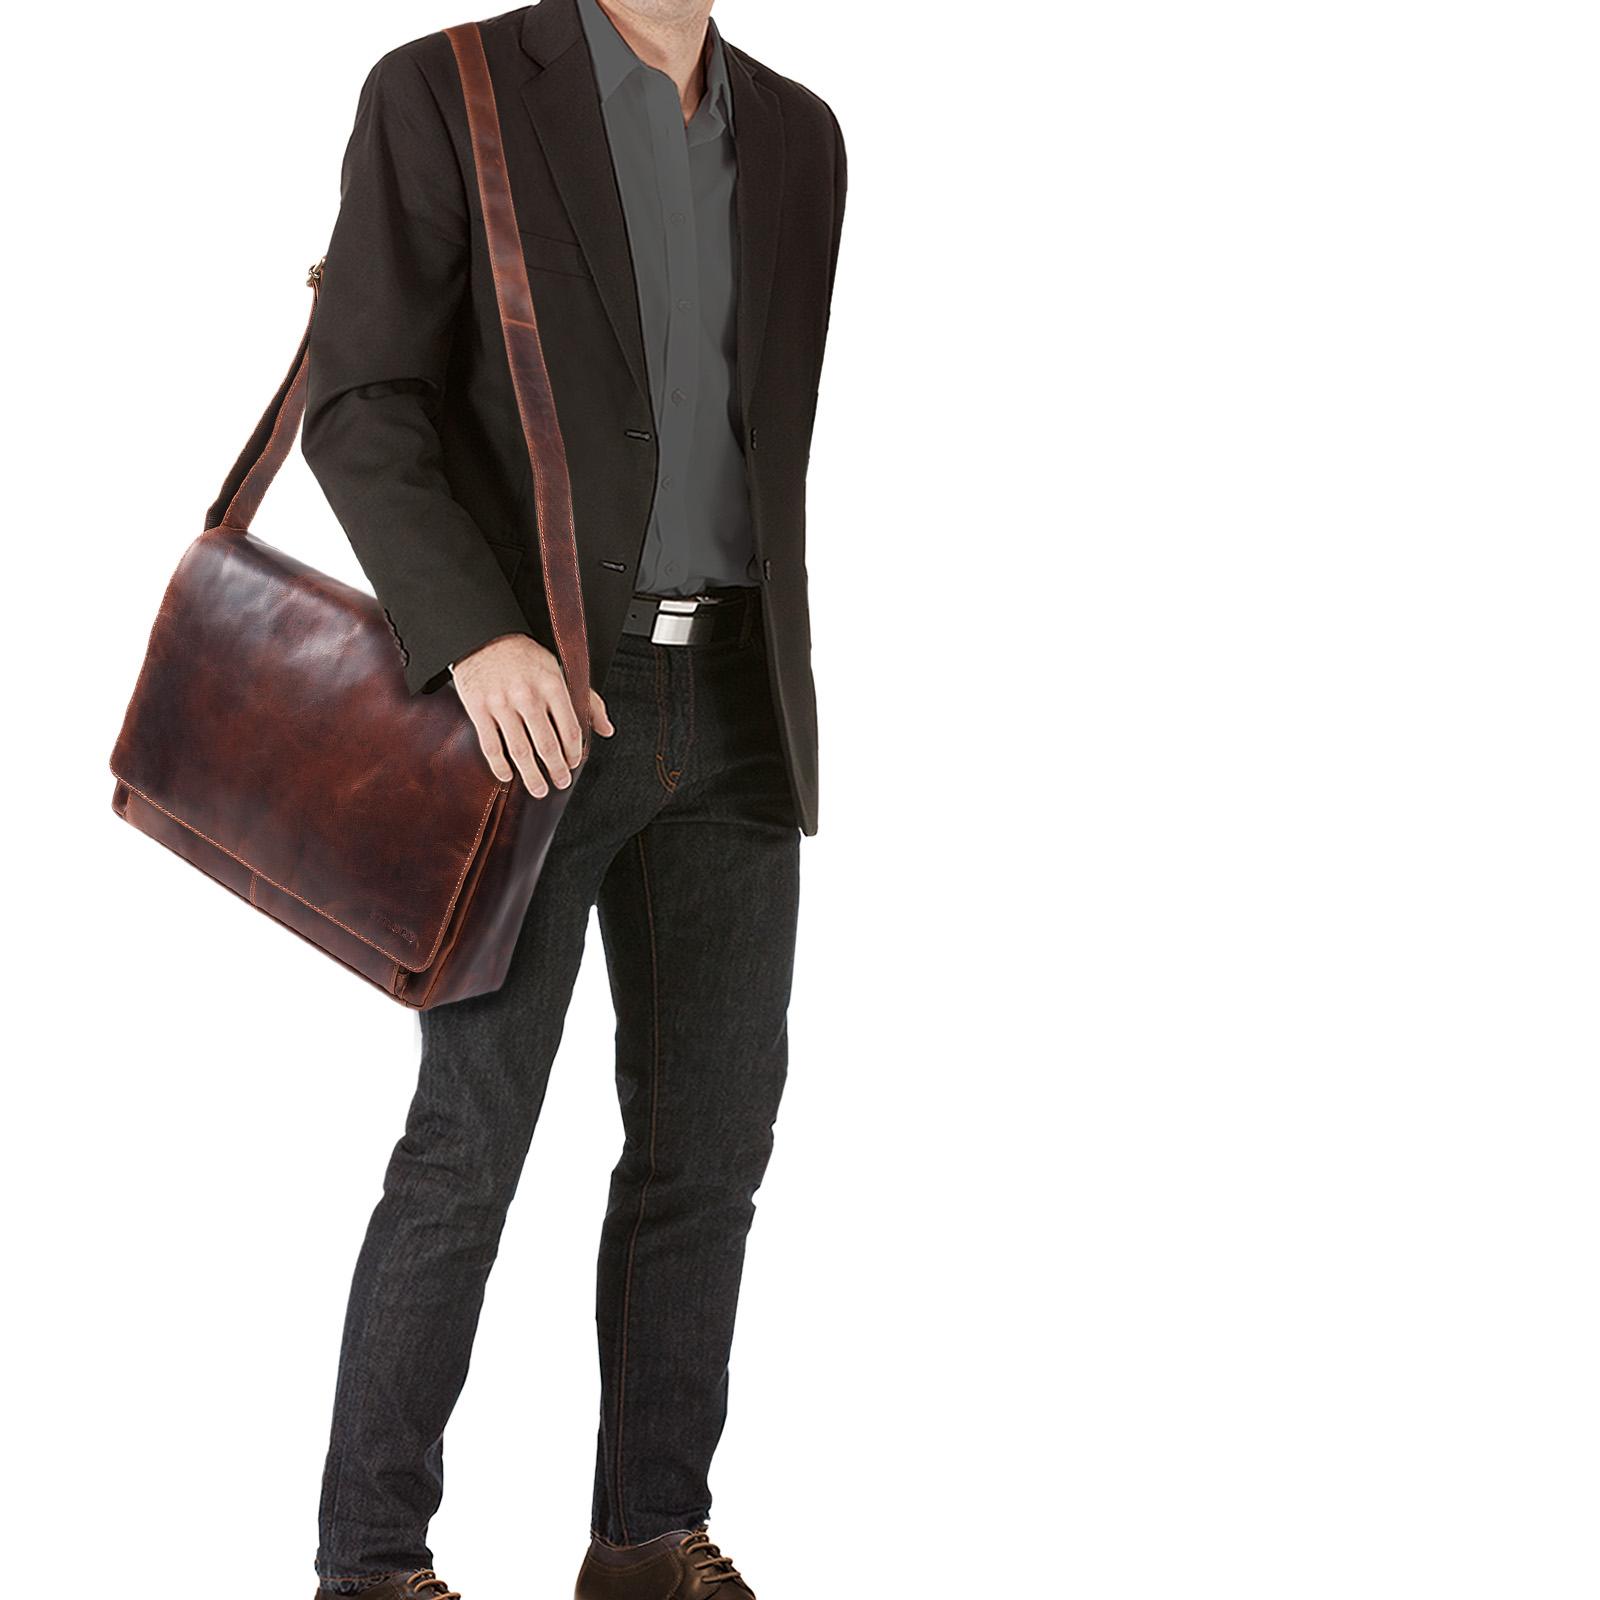 """STILORD """"Tom"""" Vintage Leder Umhängetasche für Studium Uni Büro Arbeit 15 Zoll Laptoptasche DIN A4 Schultertasche Echtleder - Bild 2"""